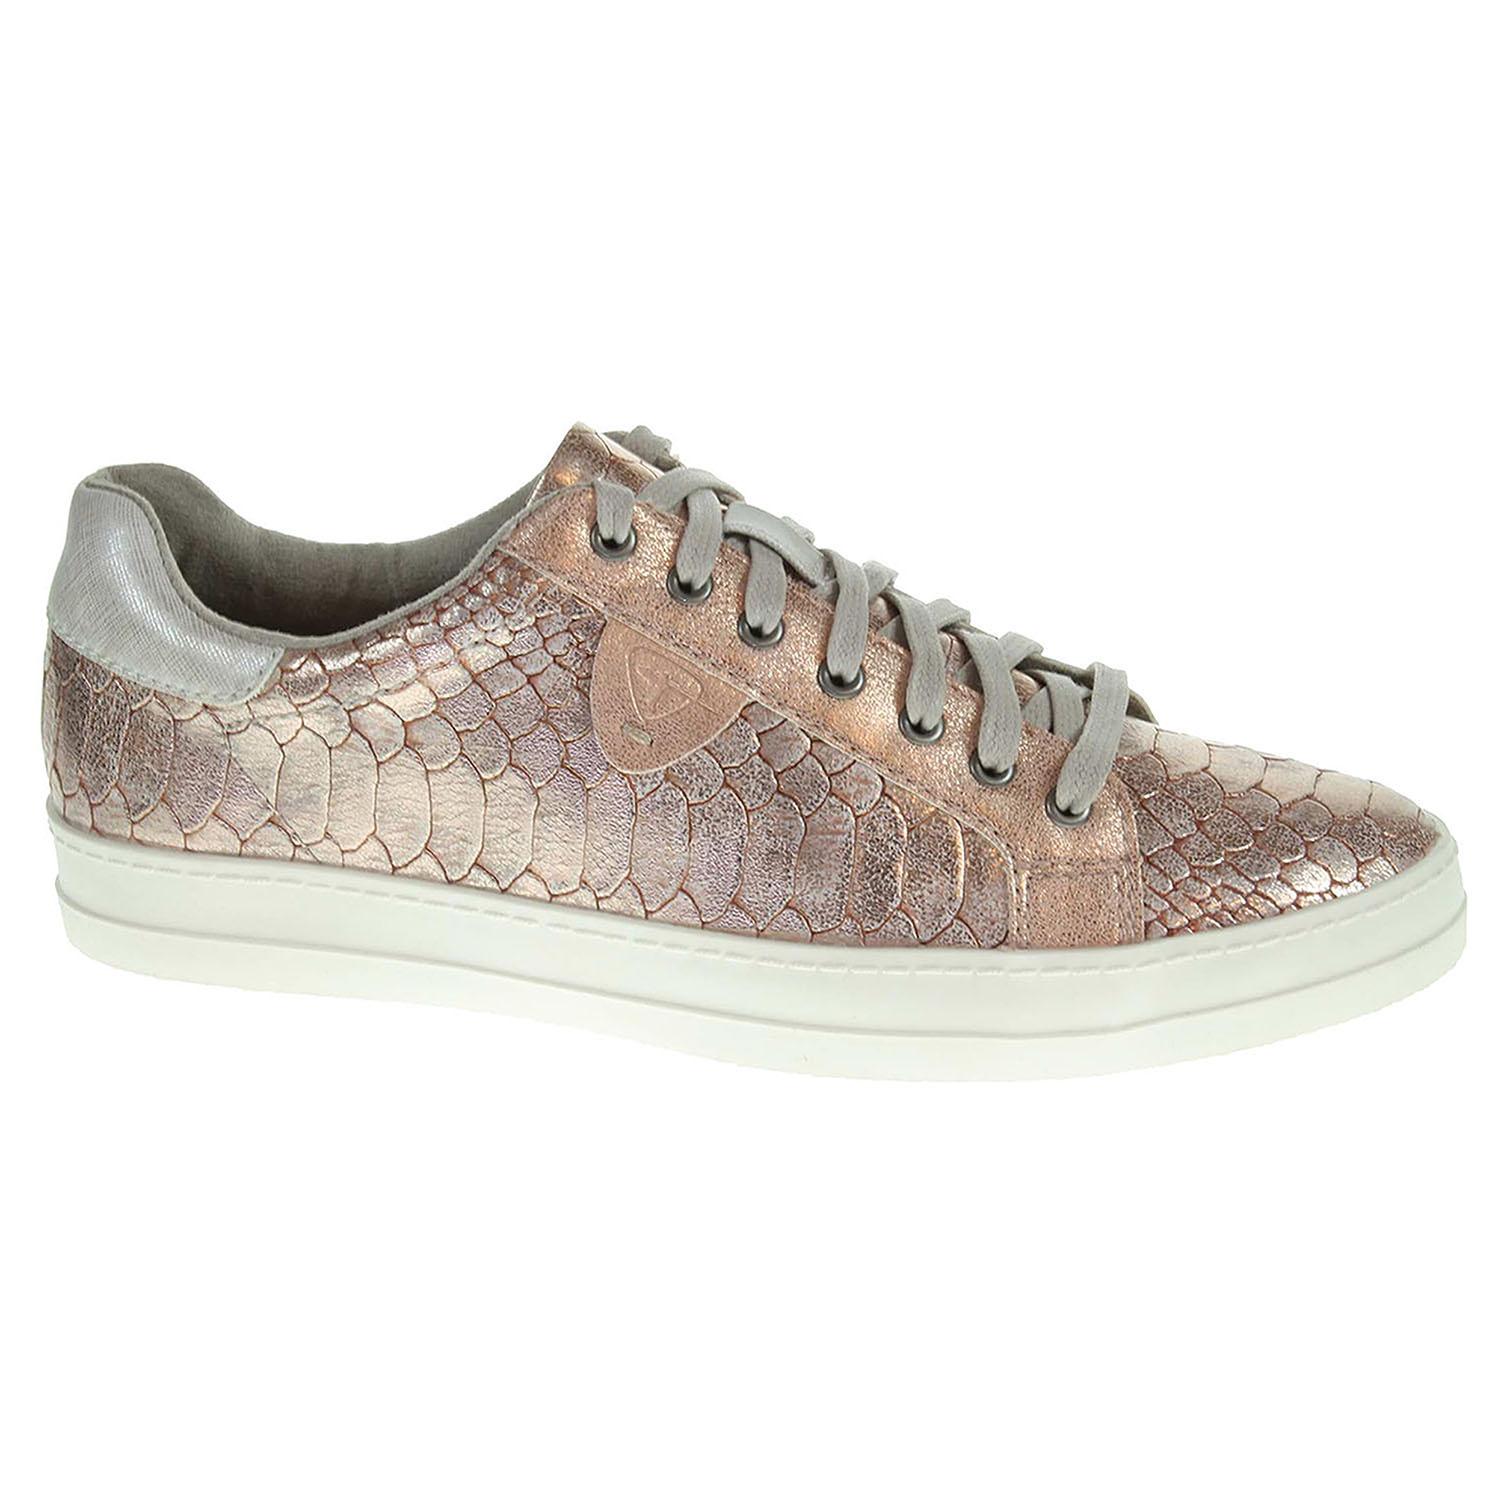 Dámská obuv Tamaris 1-23606-26 růžová 40